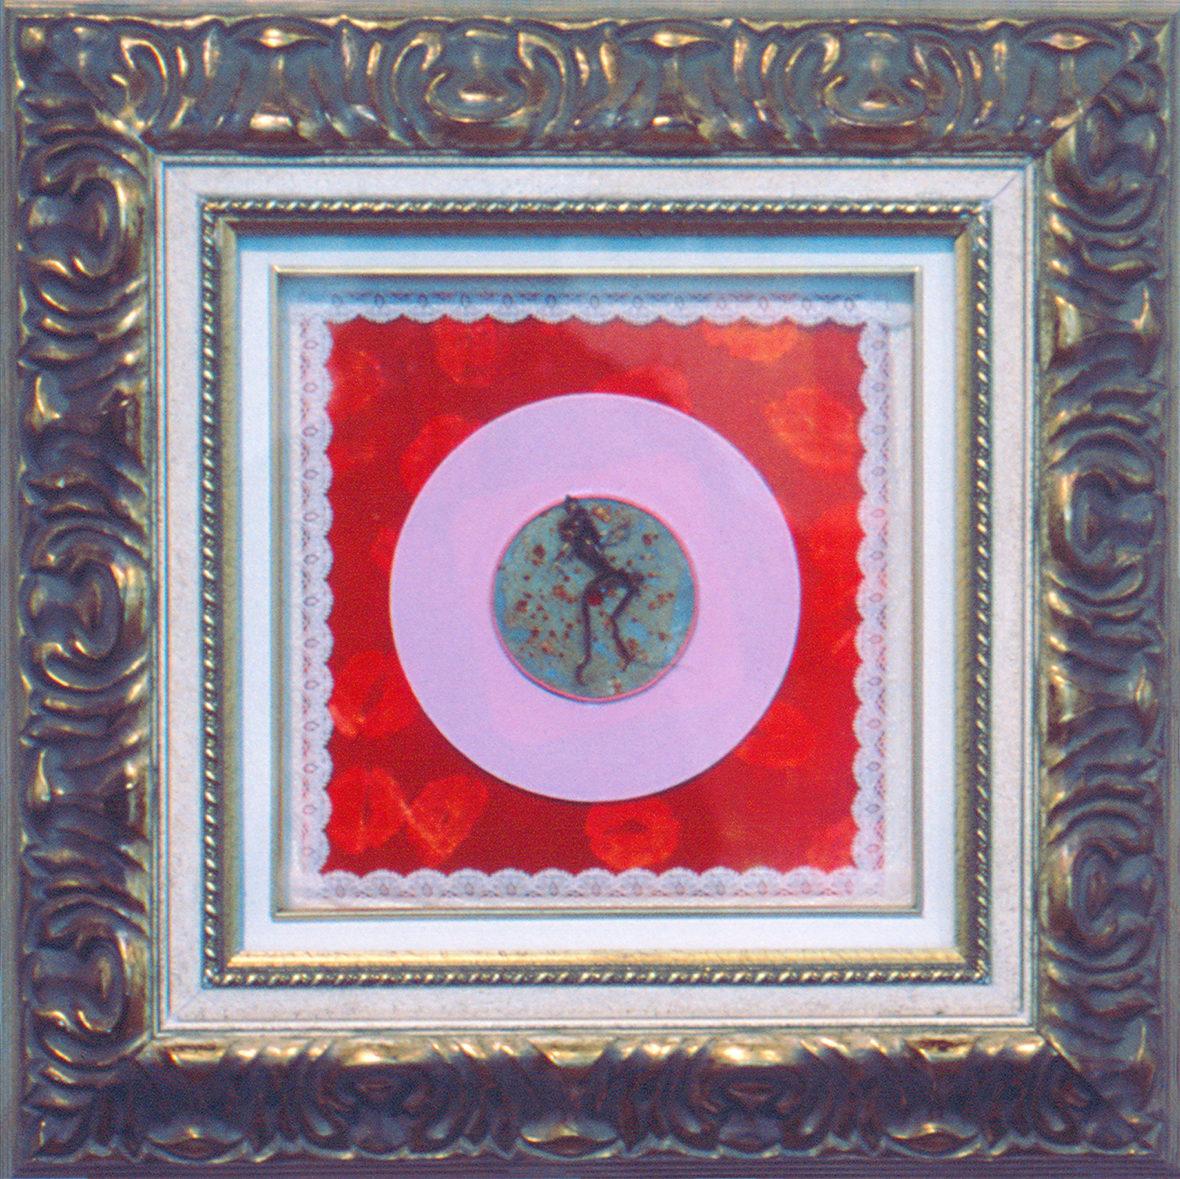 PRINSSI JA 1/2 VALTAKUNTAA, 2003